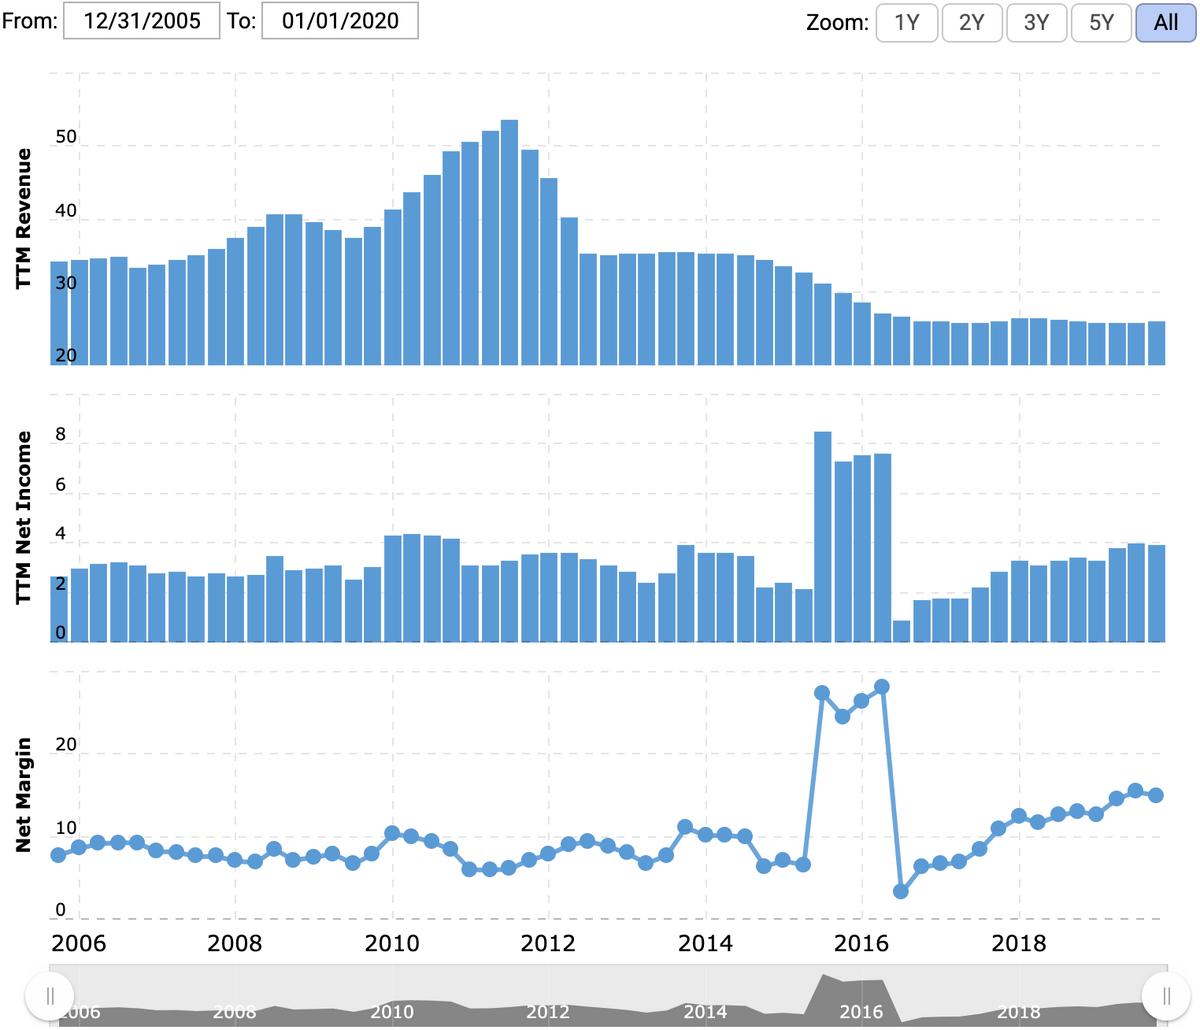 Выручка и прибыль Mondelez за последние 12 месяцев в миллиардах долларов, итоговая маржа в процентах от выручки. Источник: Macrotrends